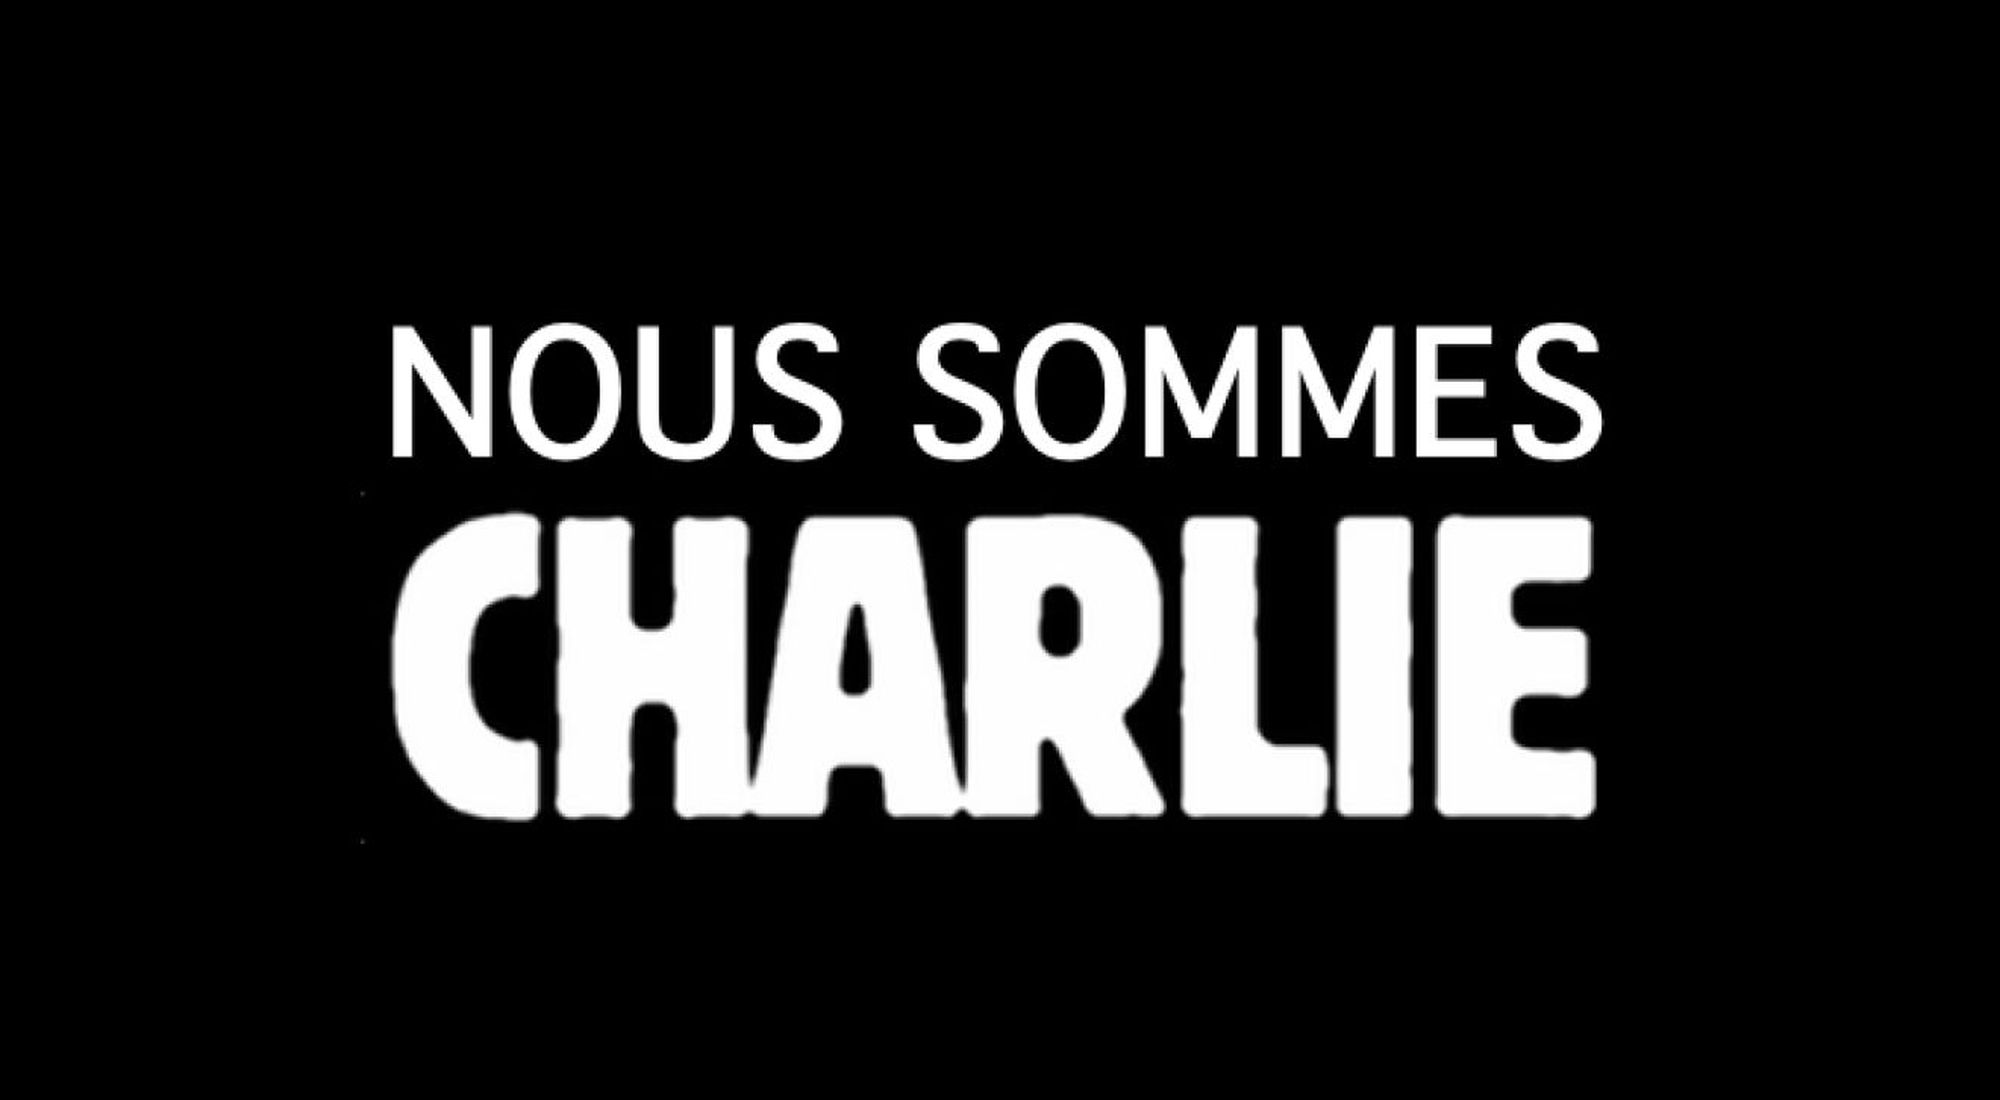 Nous sommes tous Charlie - WeAreMobians